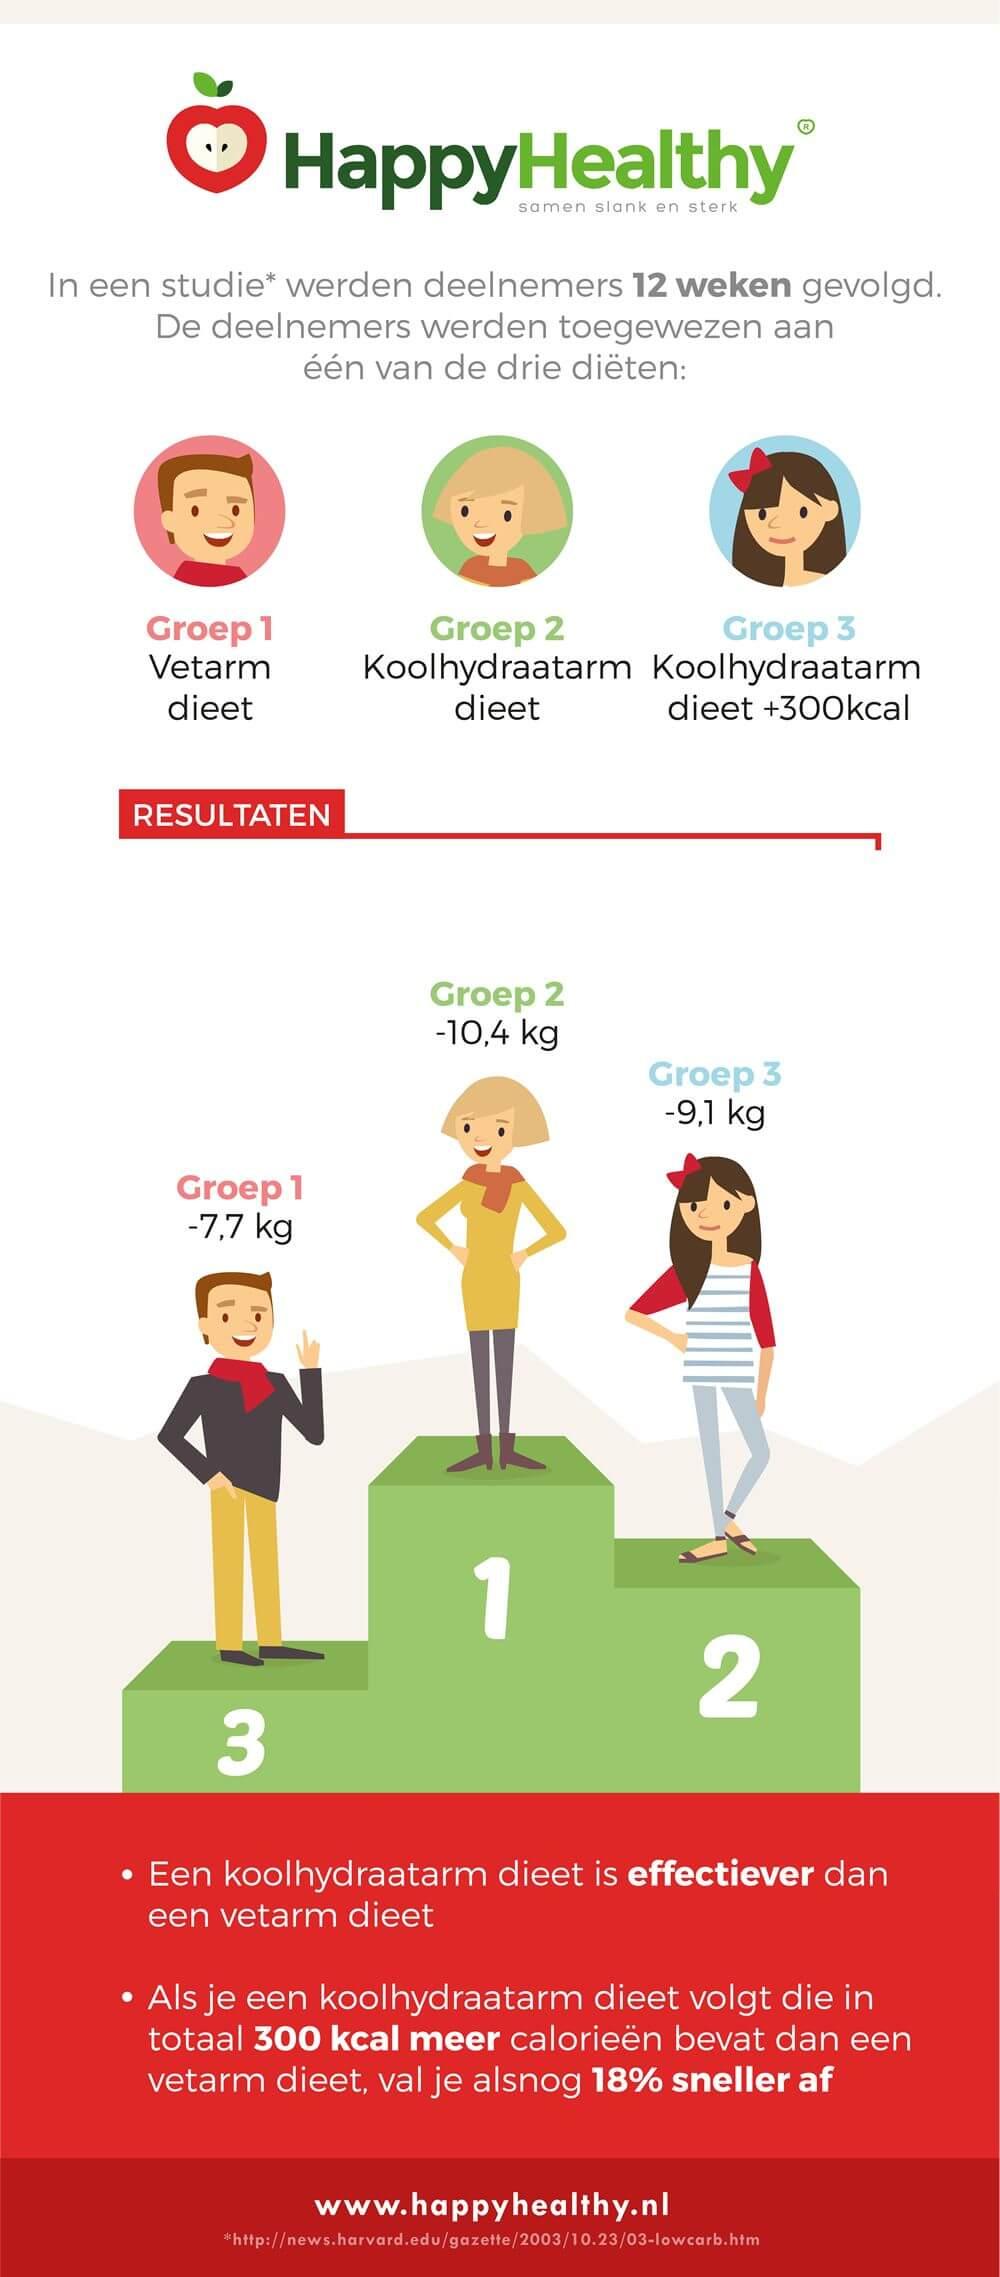 hoeveel val je af met koolhydraatarm dieet